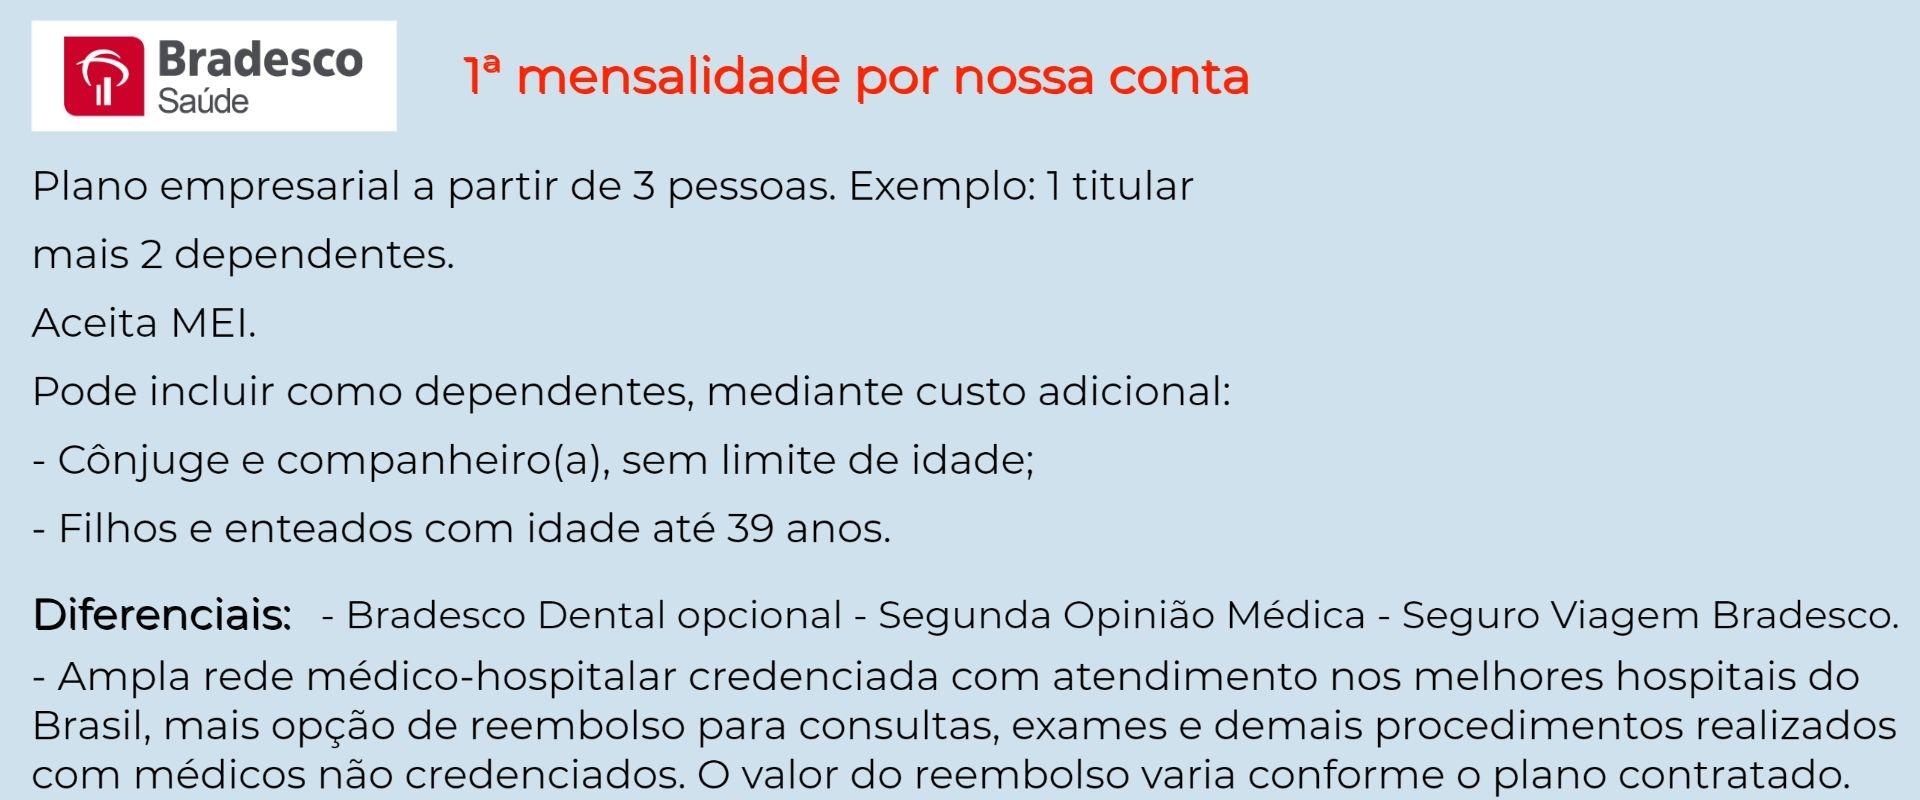 Bradesco Saúde Empresarial - Mangaratiba